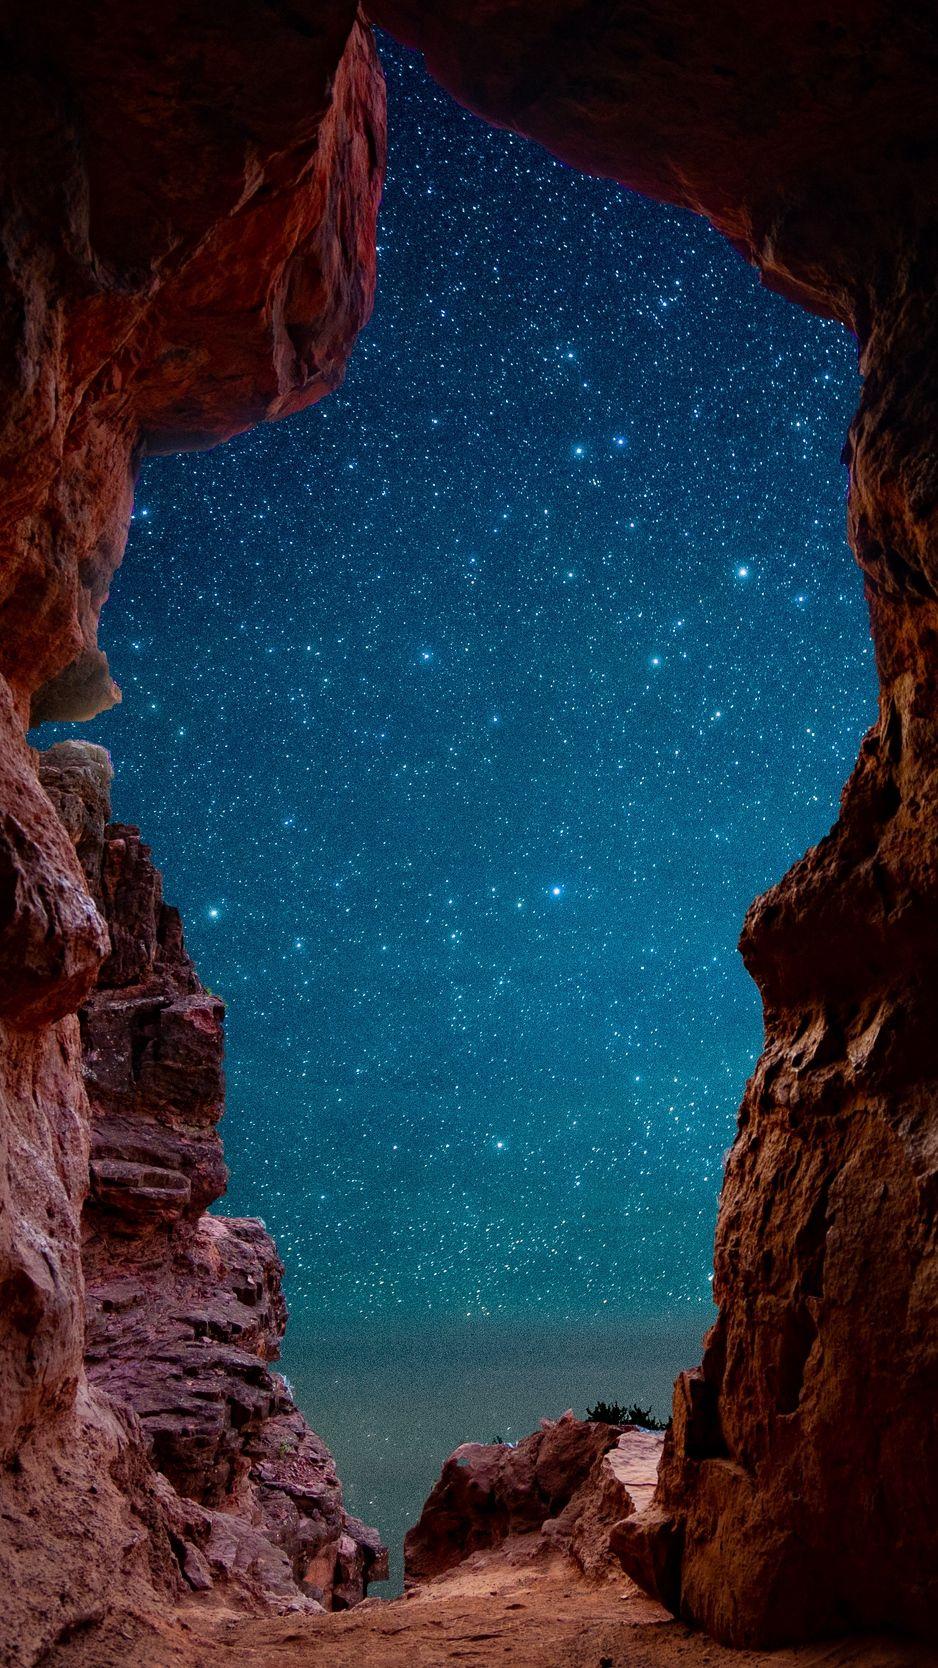 Cave, starry sky, stars, rocks, desert wallpaper, background